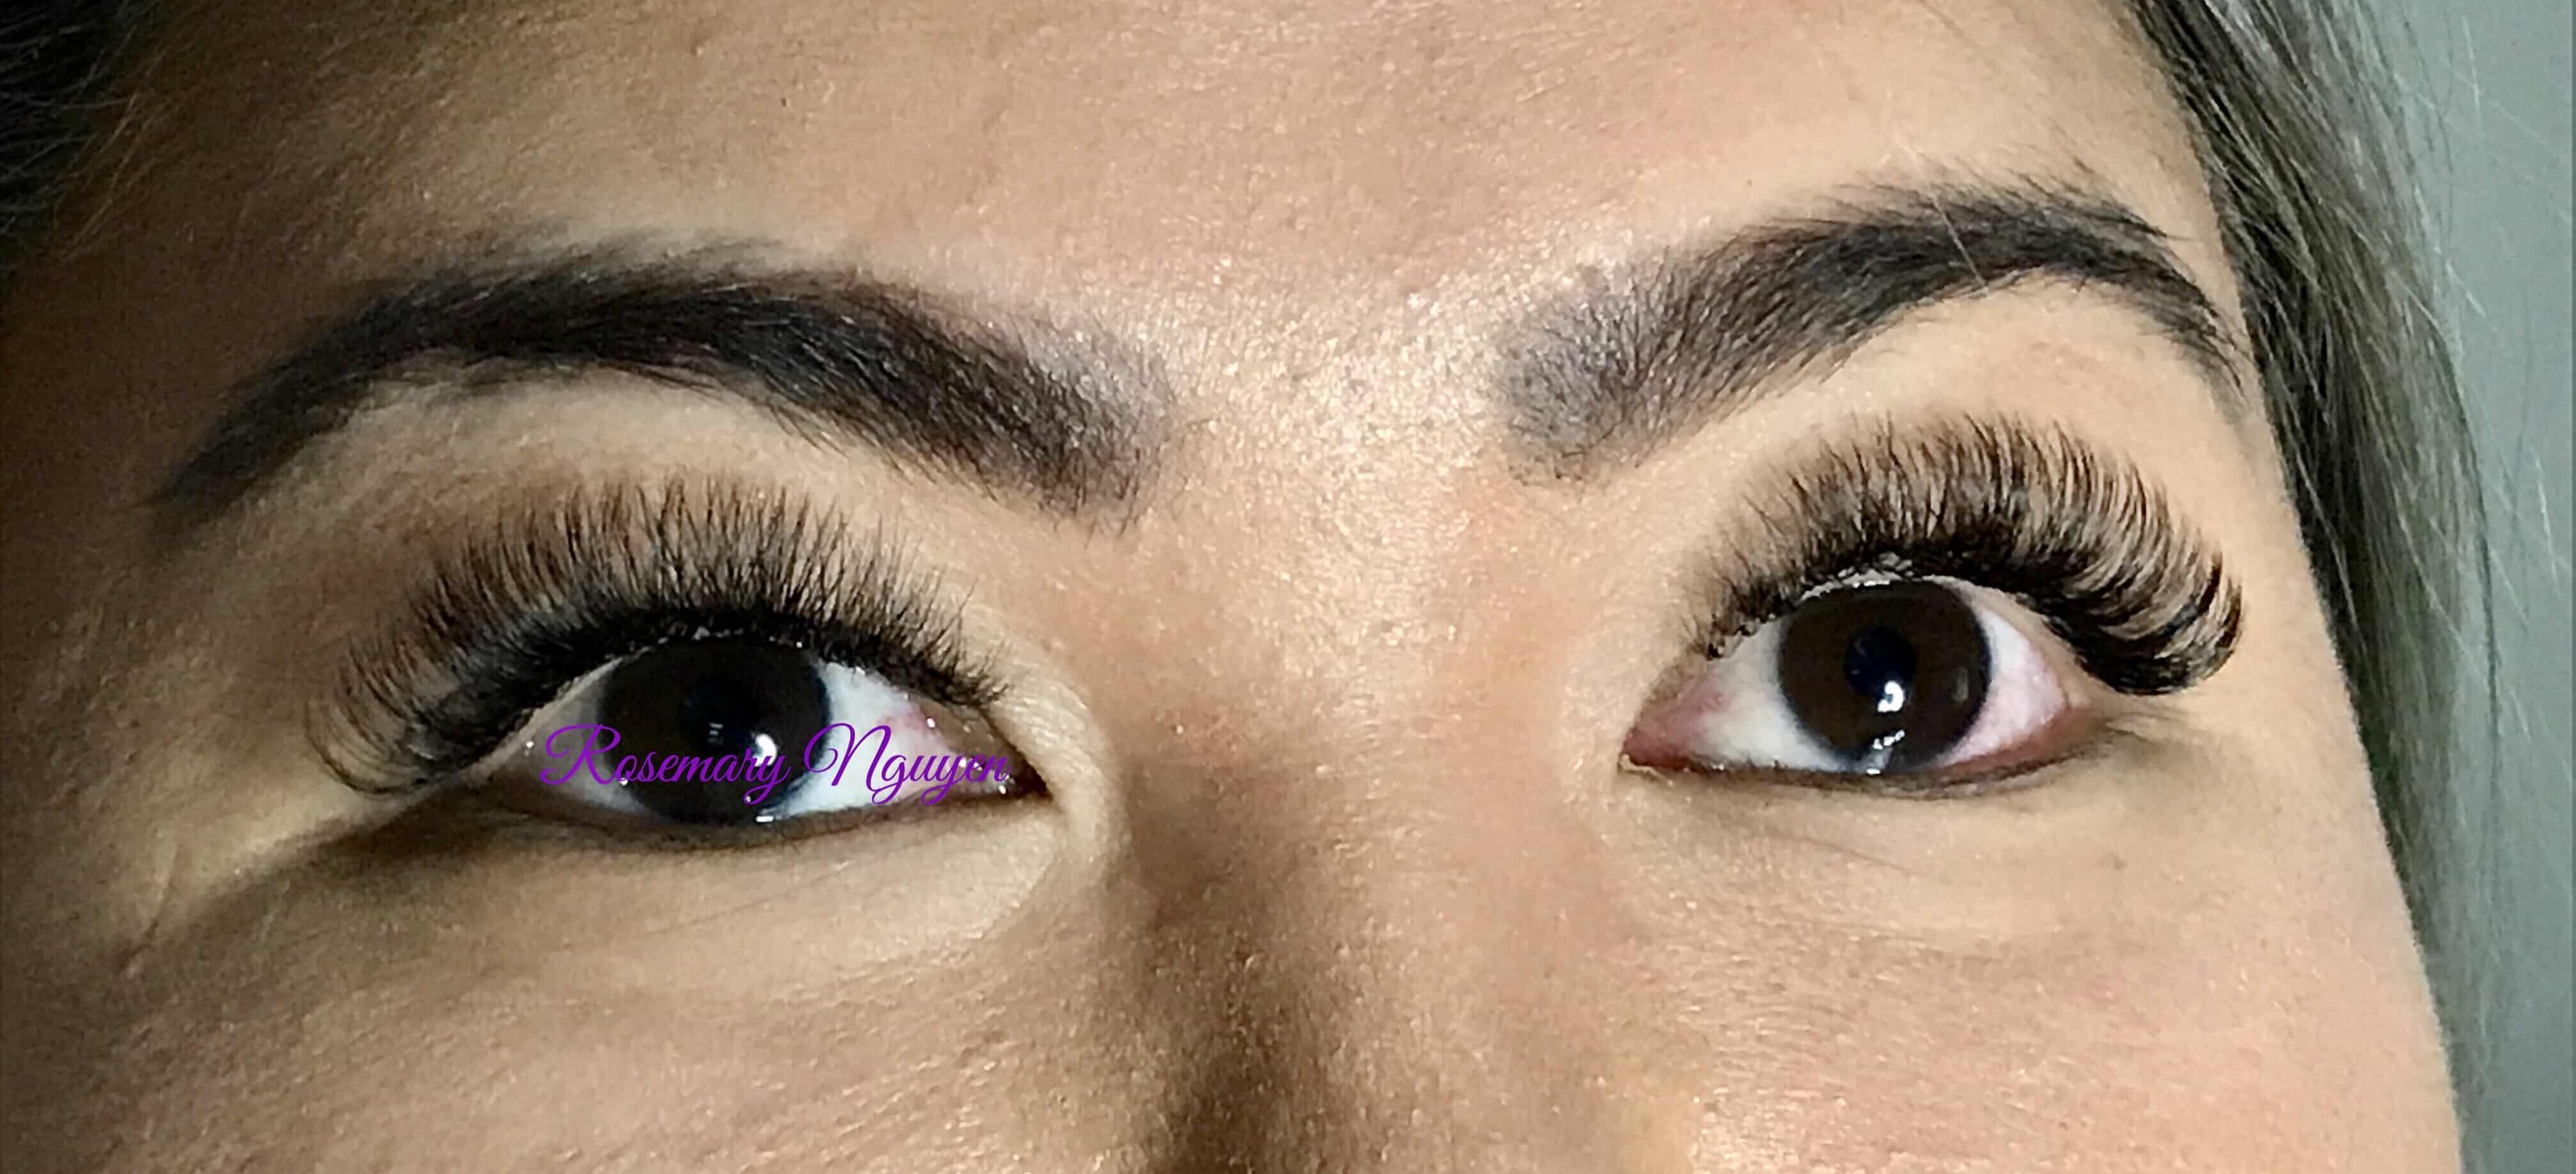 lash-artist-of-the-week-phuong-nguyen.jpeg